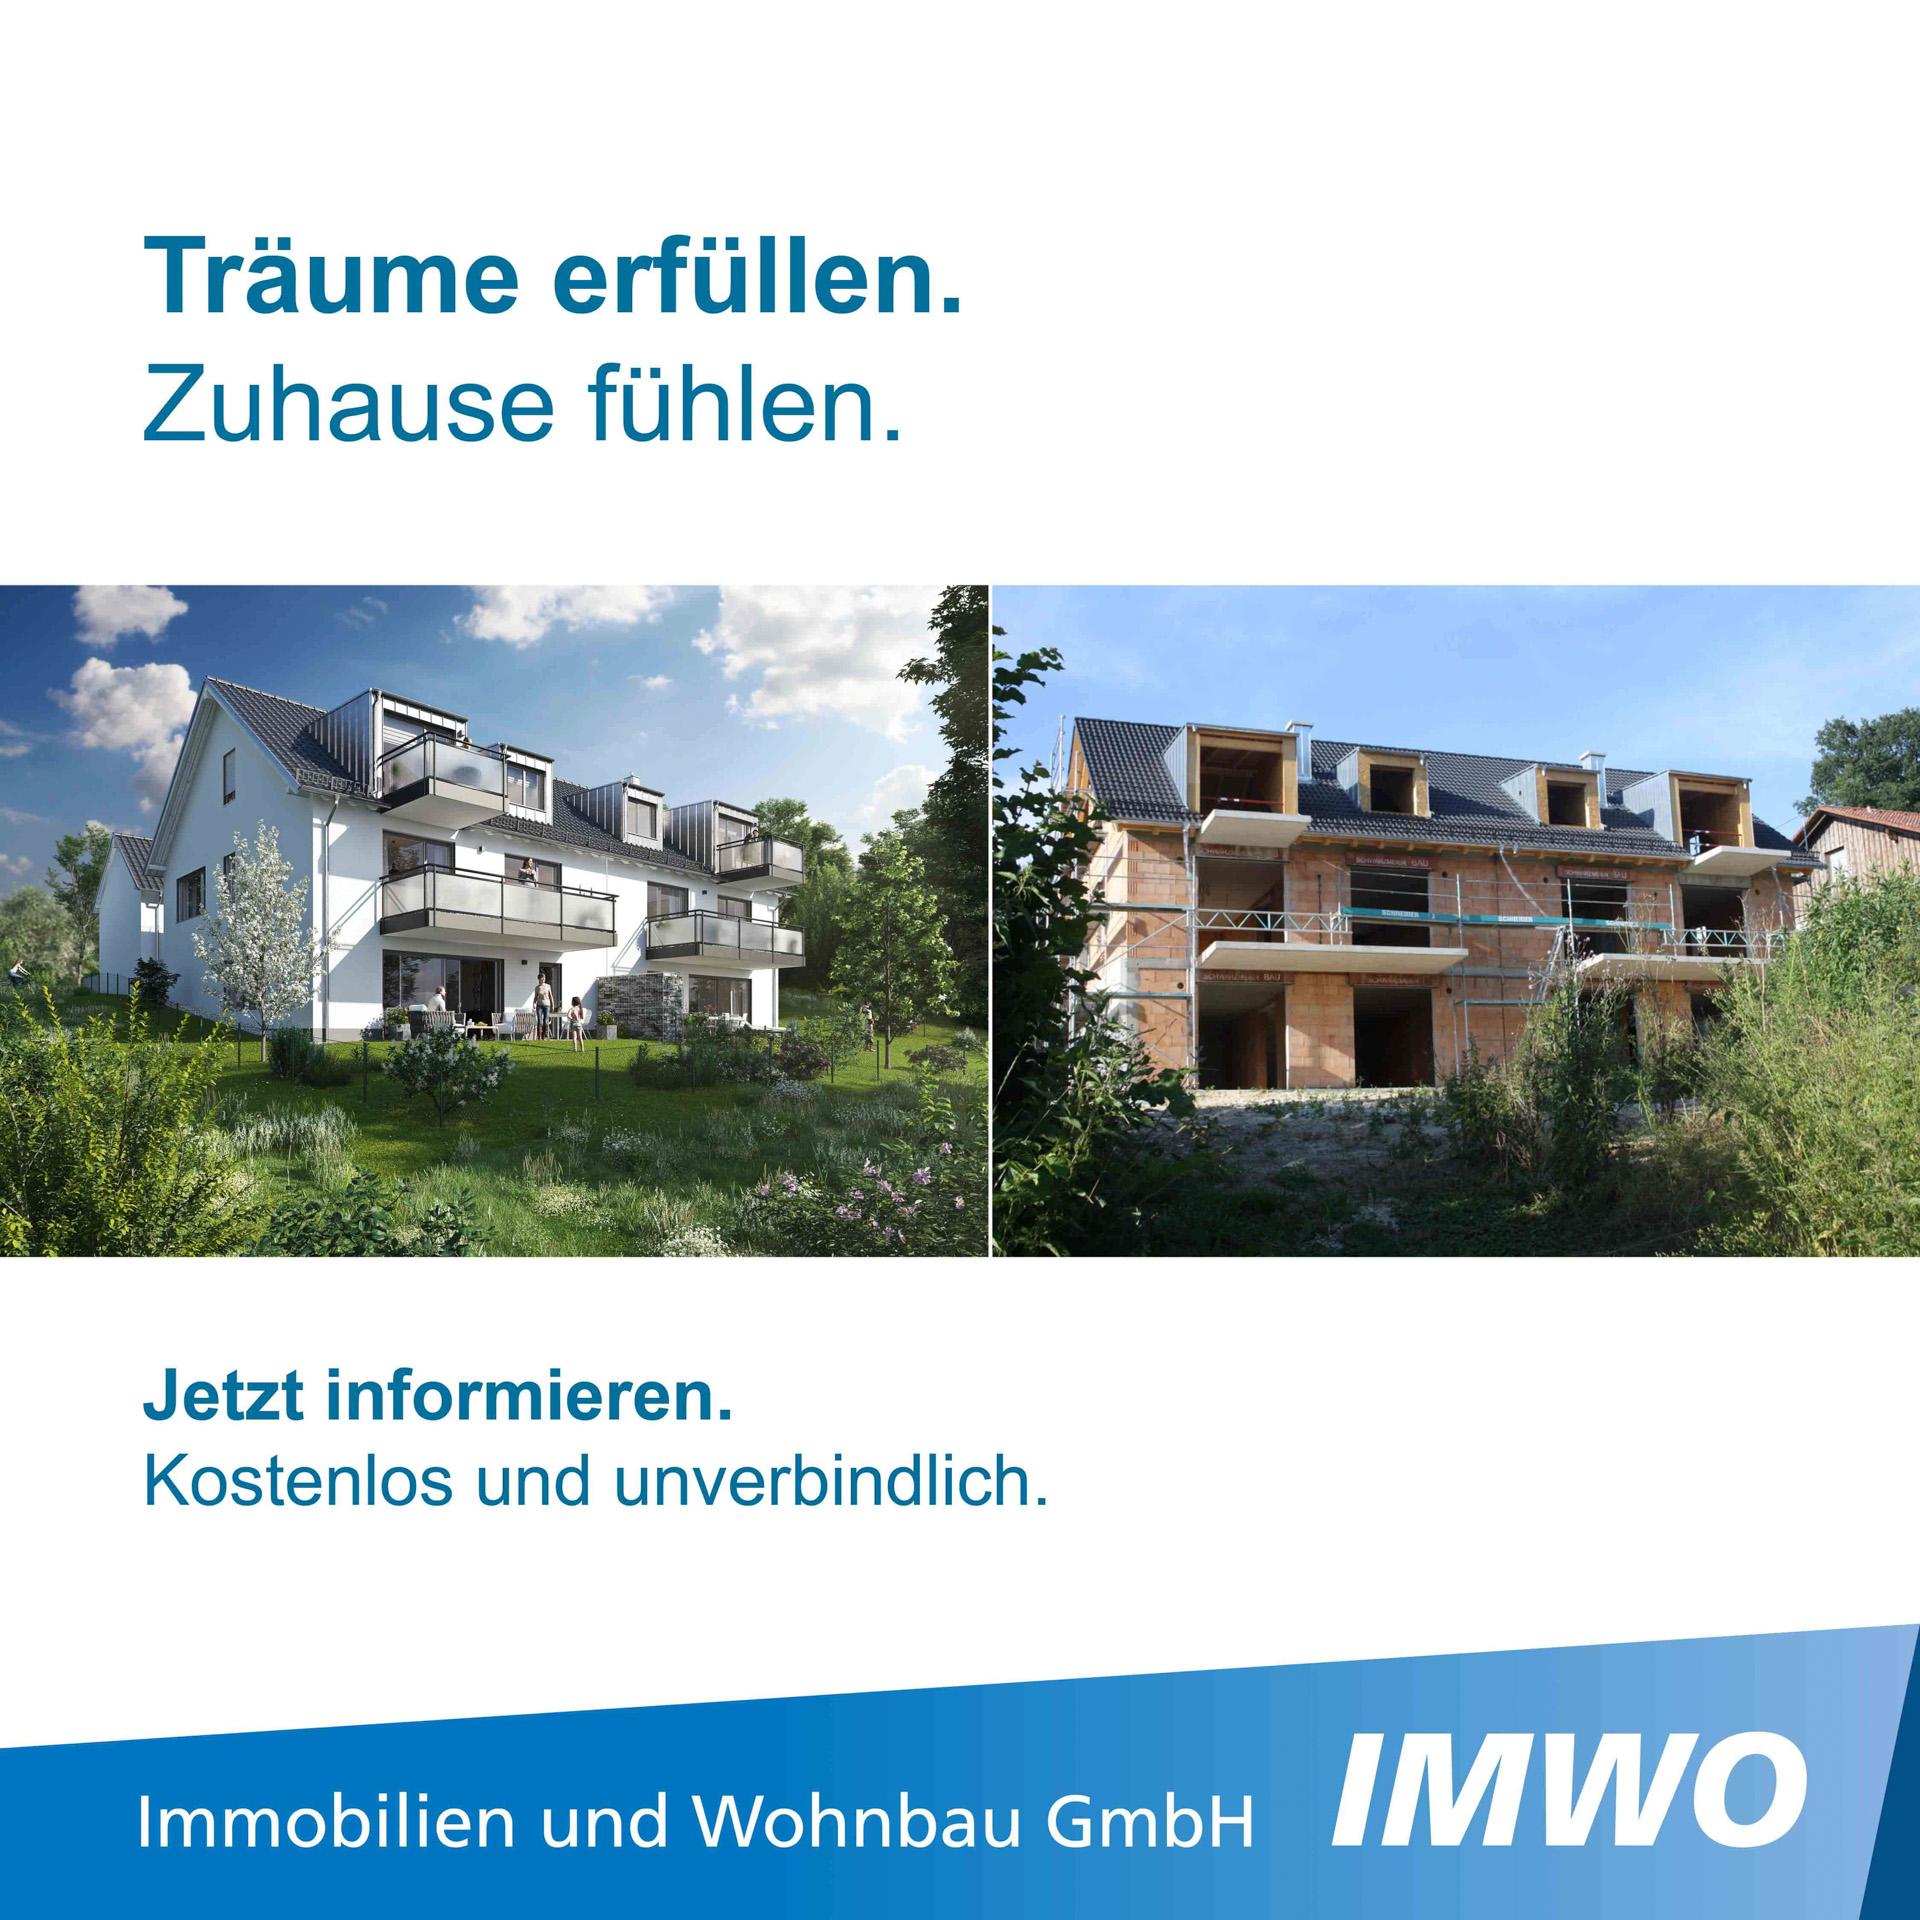 gniced-daniel gross-pfaffenhofen-grafikdesign-print-druckprodukte-12